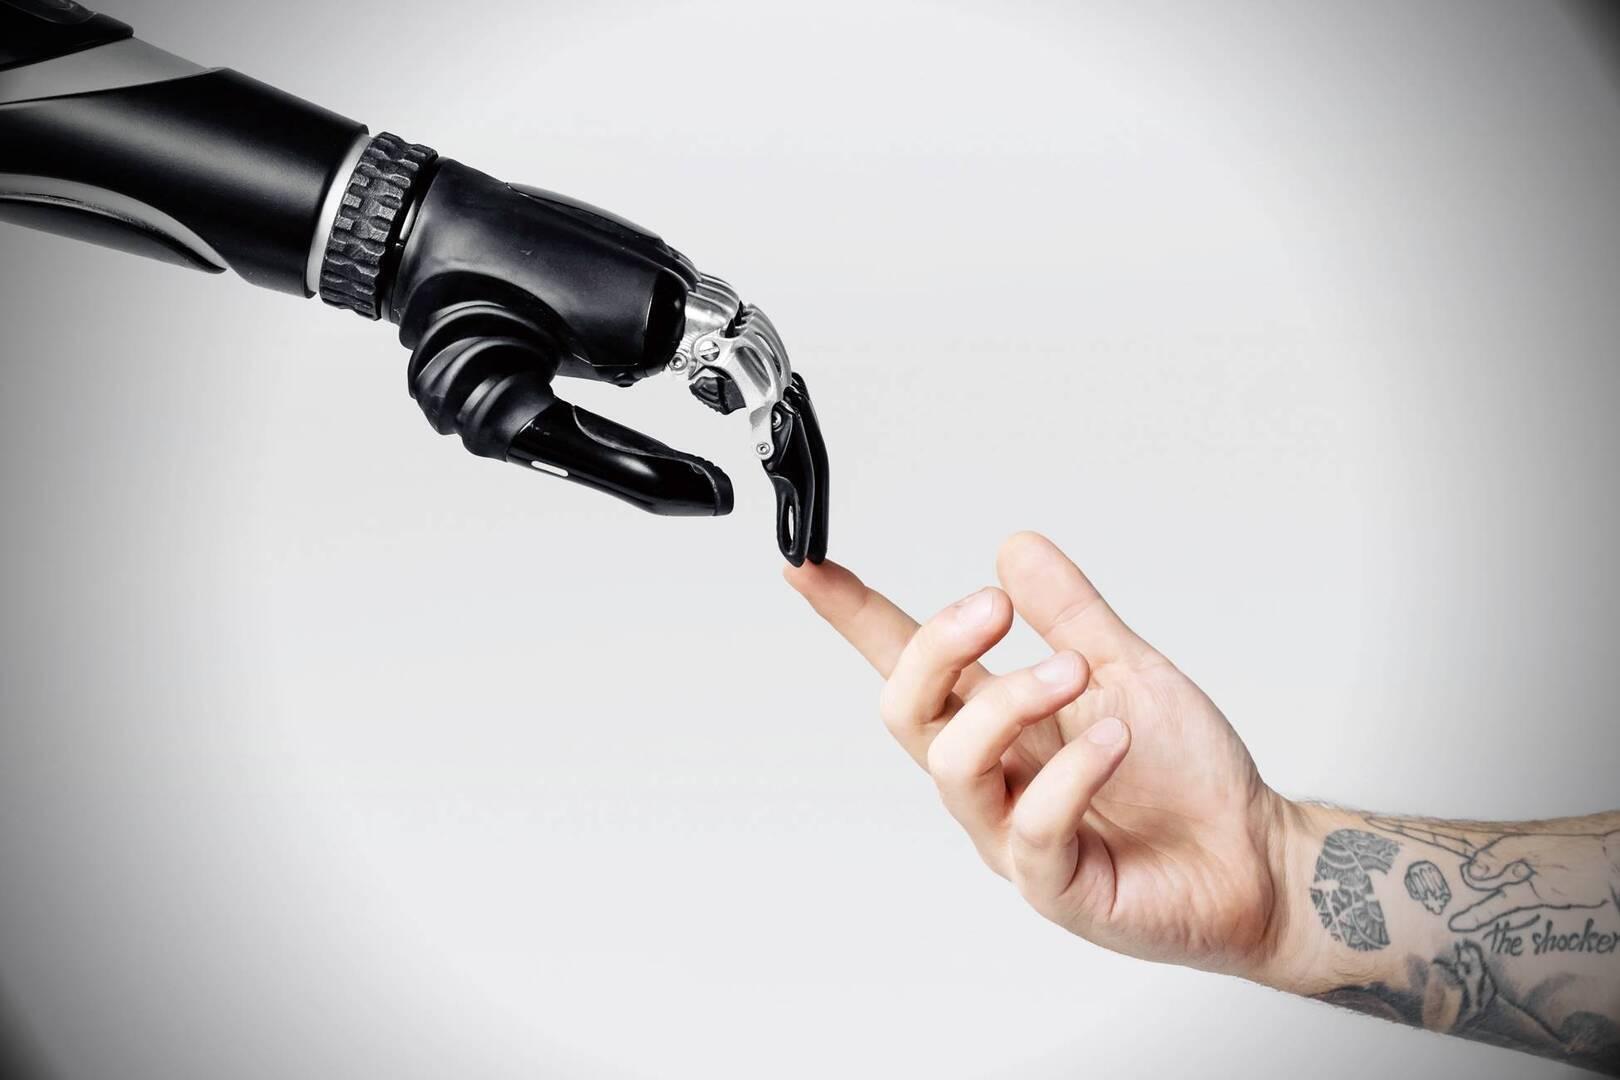 robot hand touching a human hand